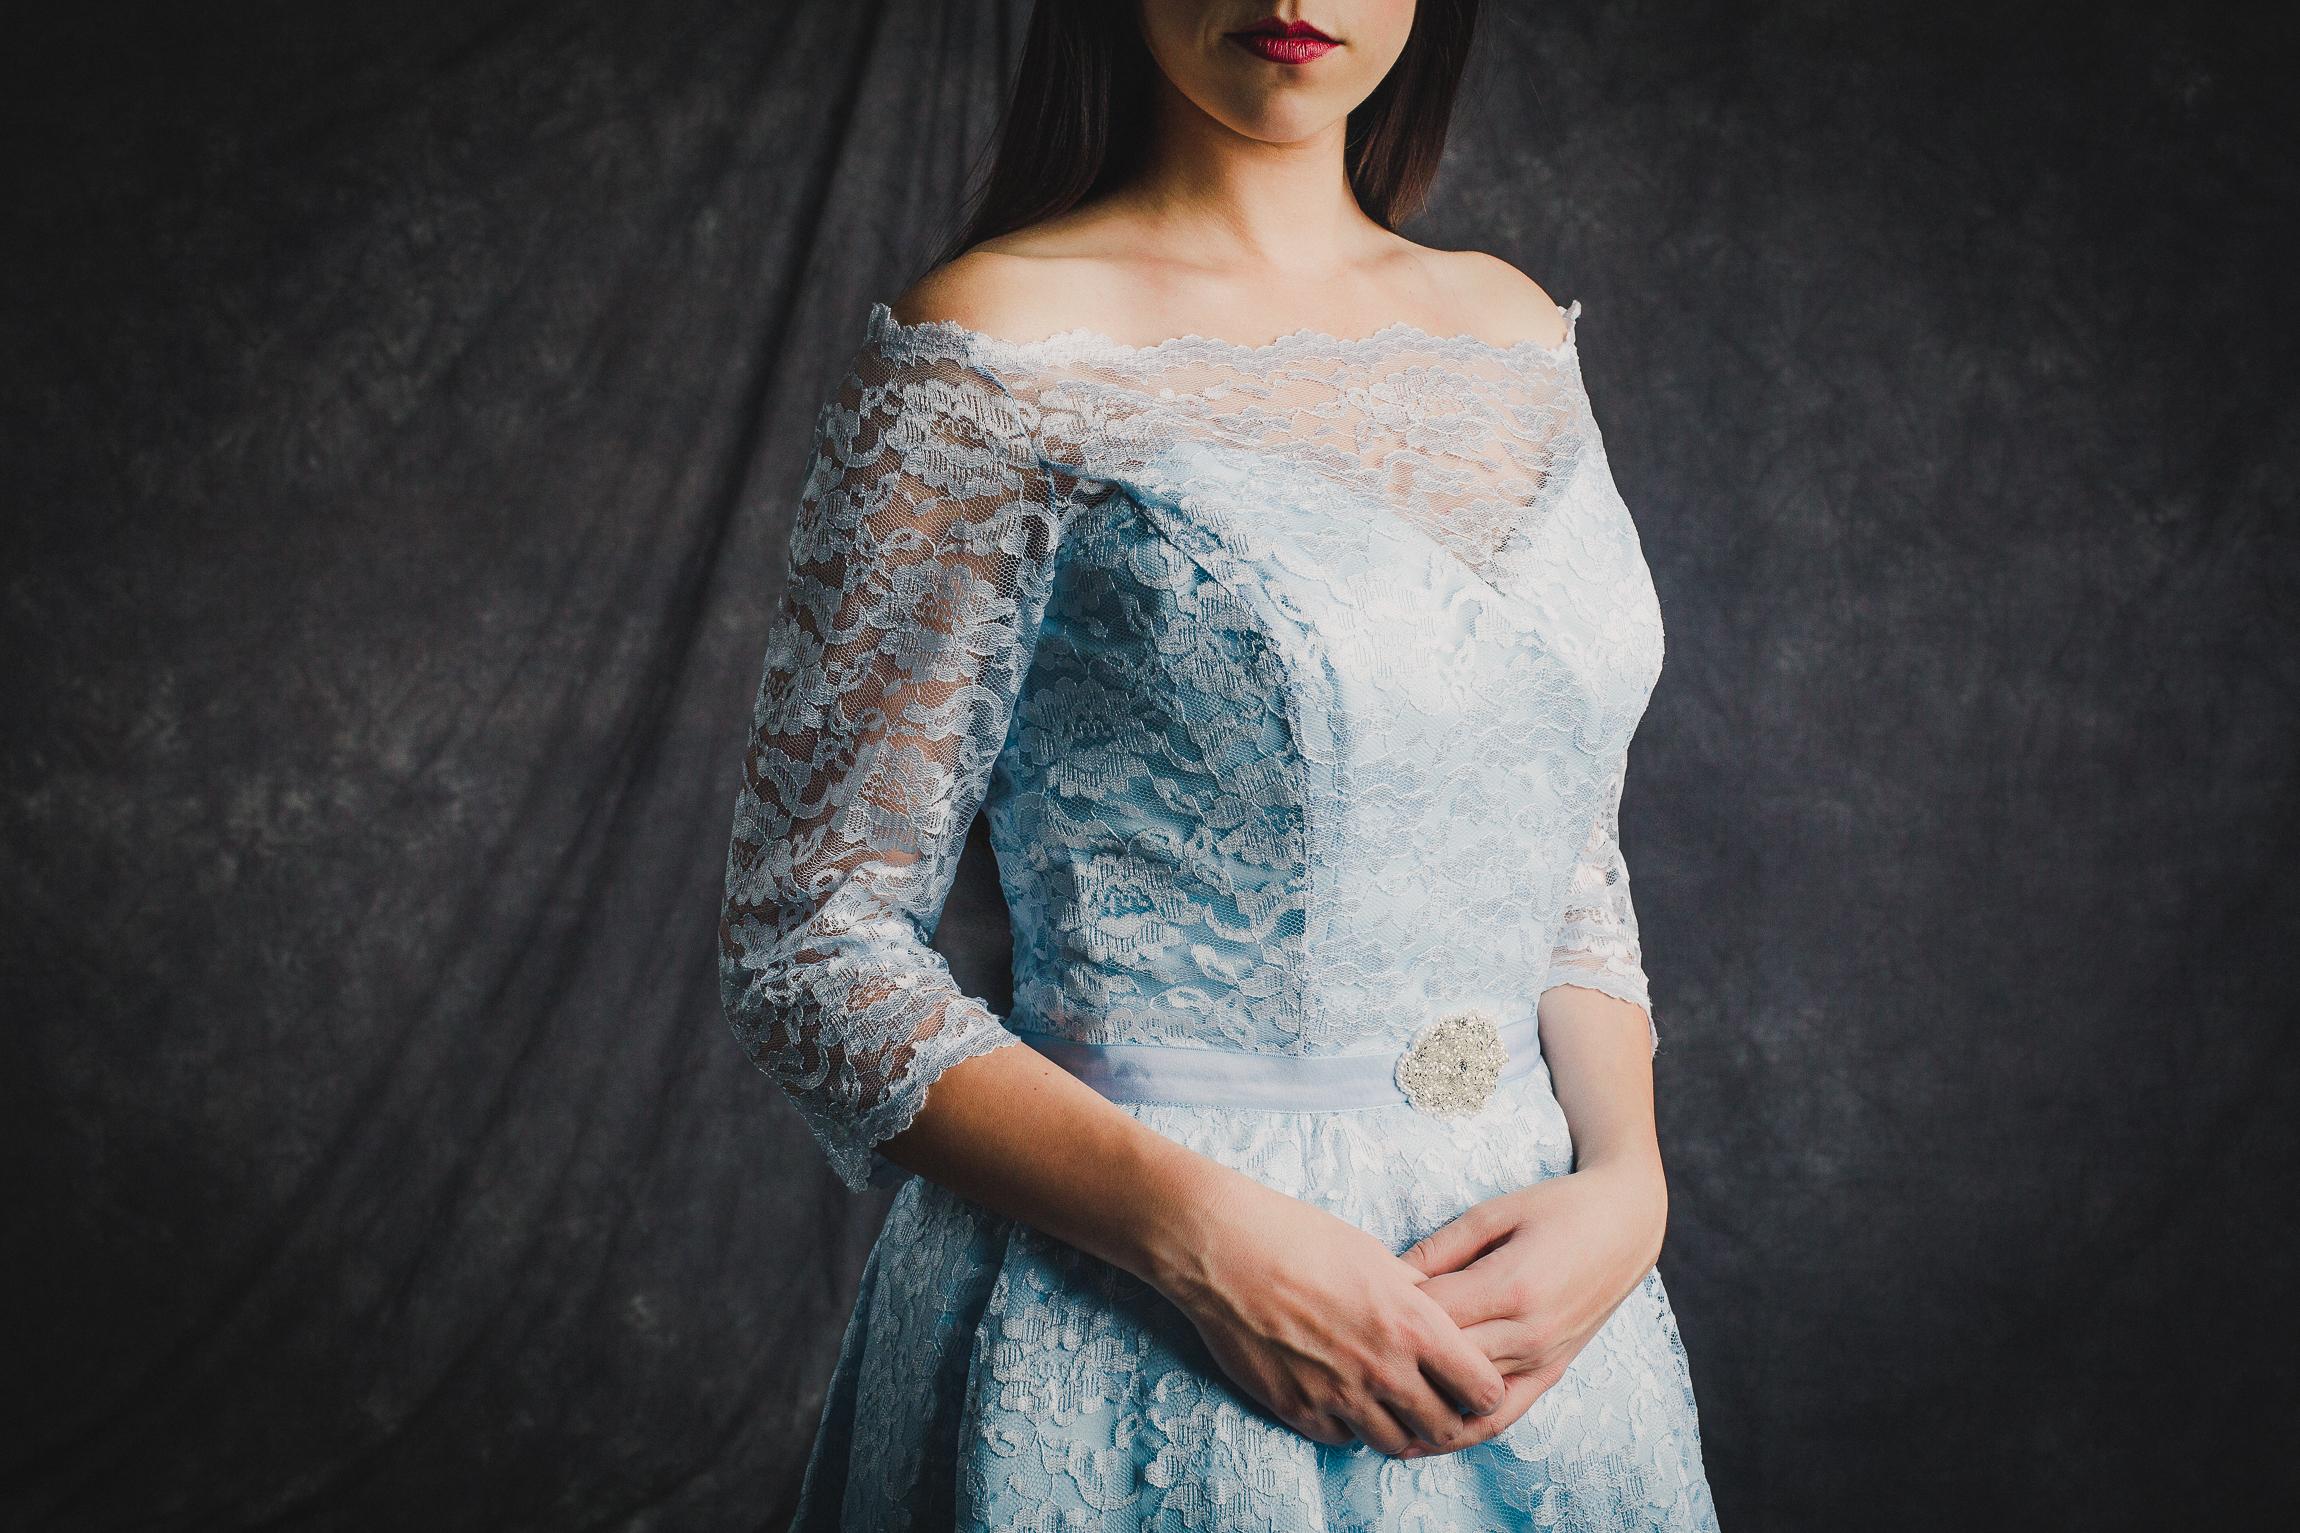 Jen_Montgomery_Photography_CinderellaHandsSM.jpg